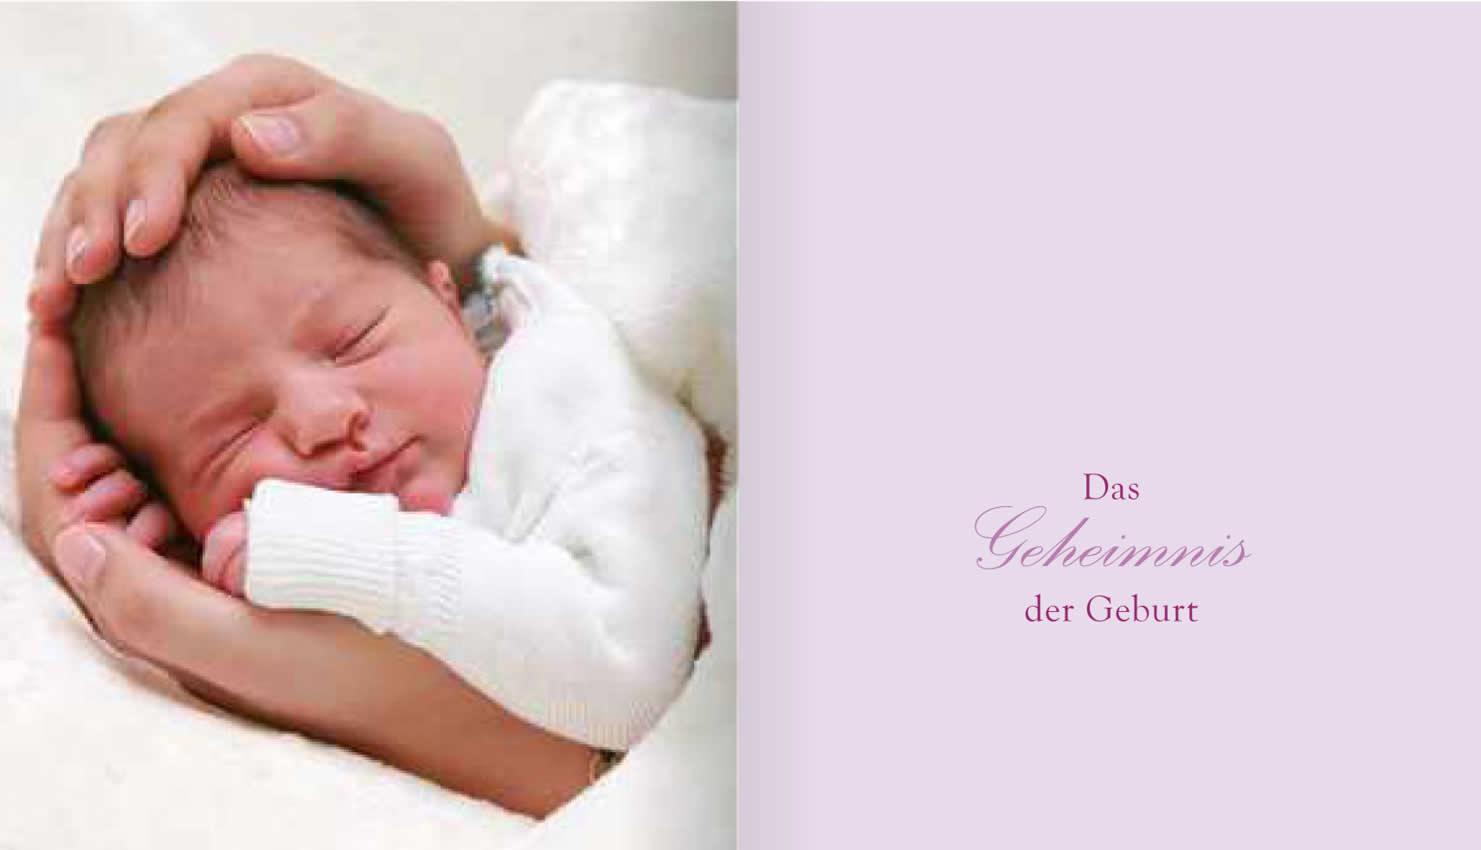 Kinder Die Geschenke Gottes Griesbeck Design Dorothee